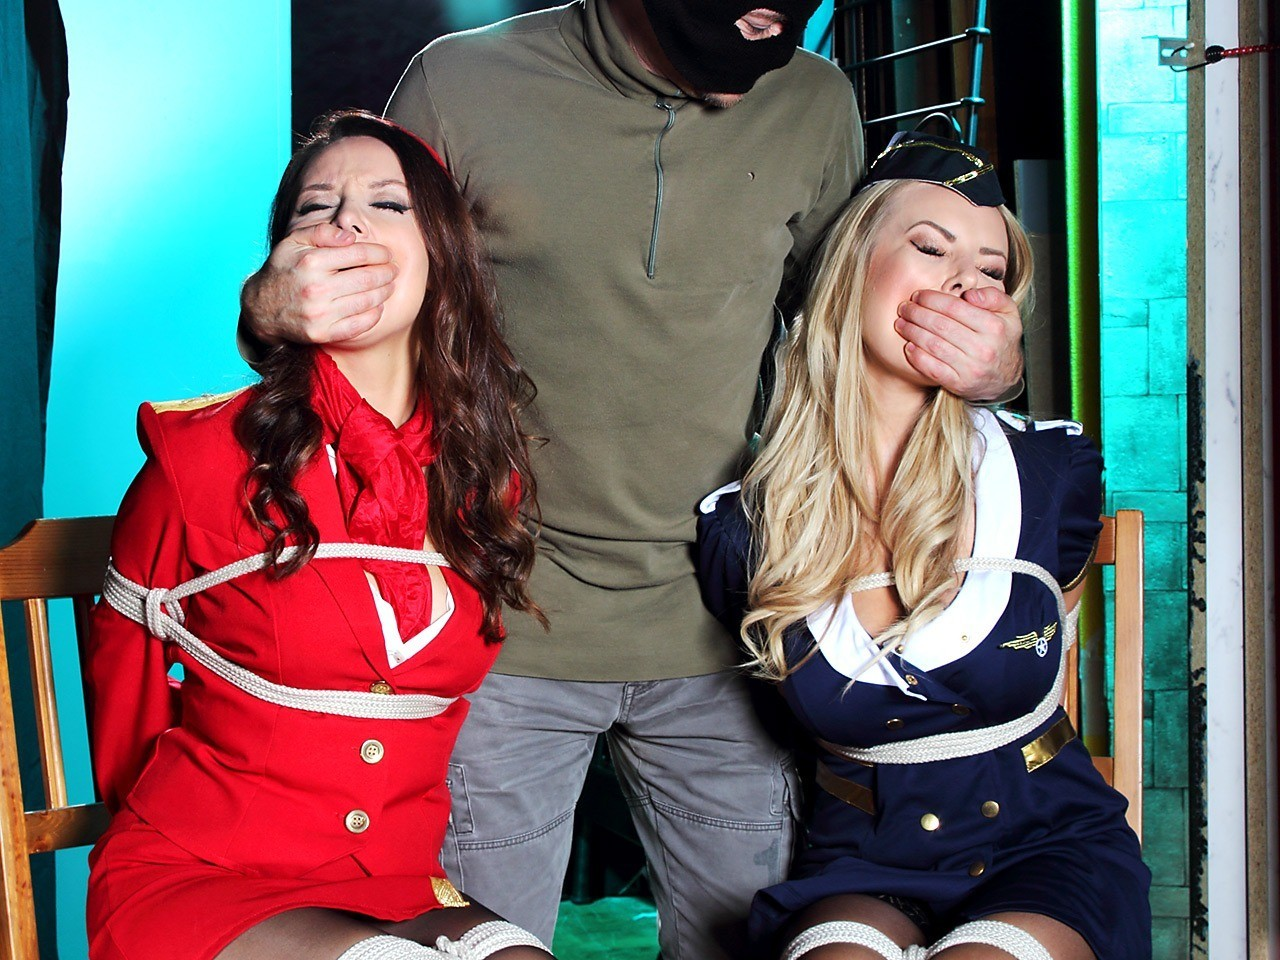 【ハンドギャグ】女性の口を塞ぐ行為に萌え2YouTube動画>83本 dailymotion>2本 ->画像>136枚